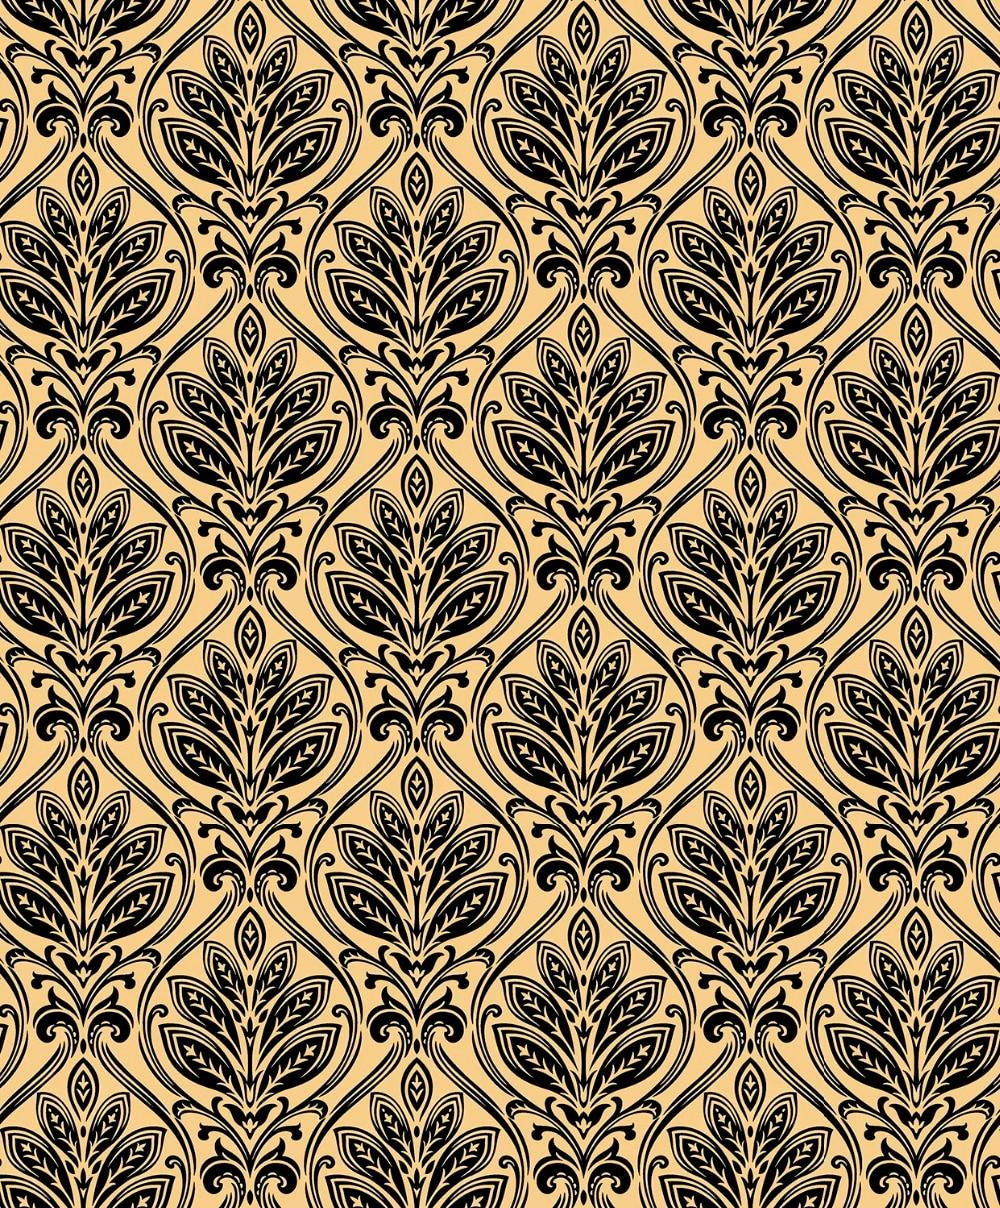 Luxury Black Velvet Flocked Classic Damask Champagne Gold Wallpaper Roll bronze golden burgundy vintage classic retro damask velvet flocking wallpaper